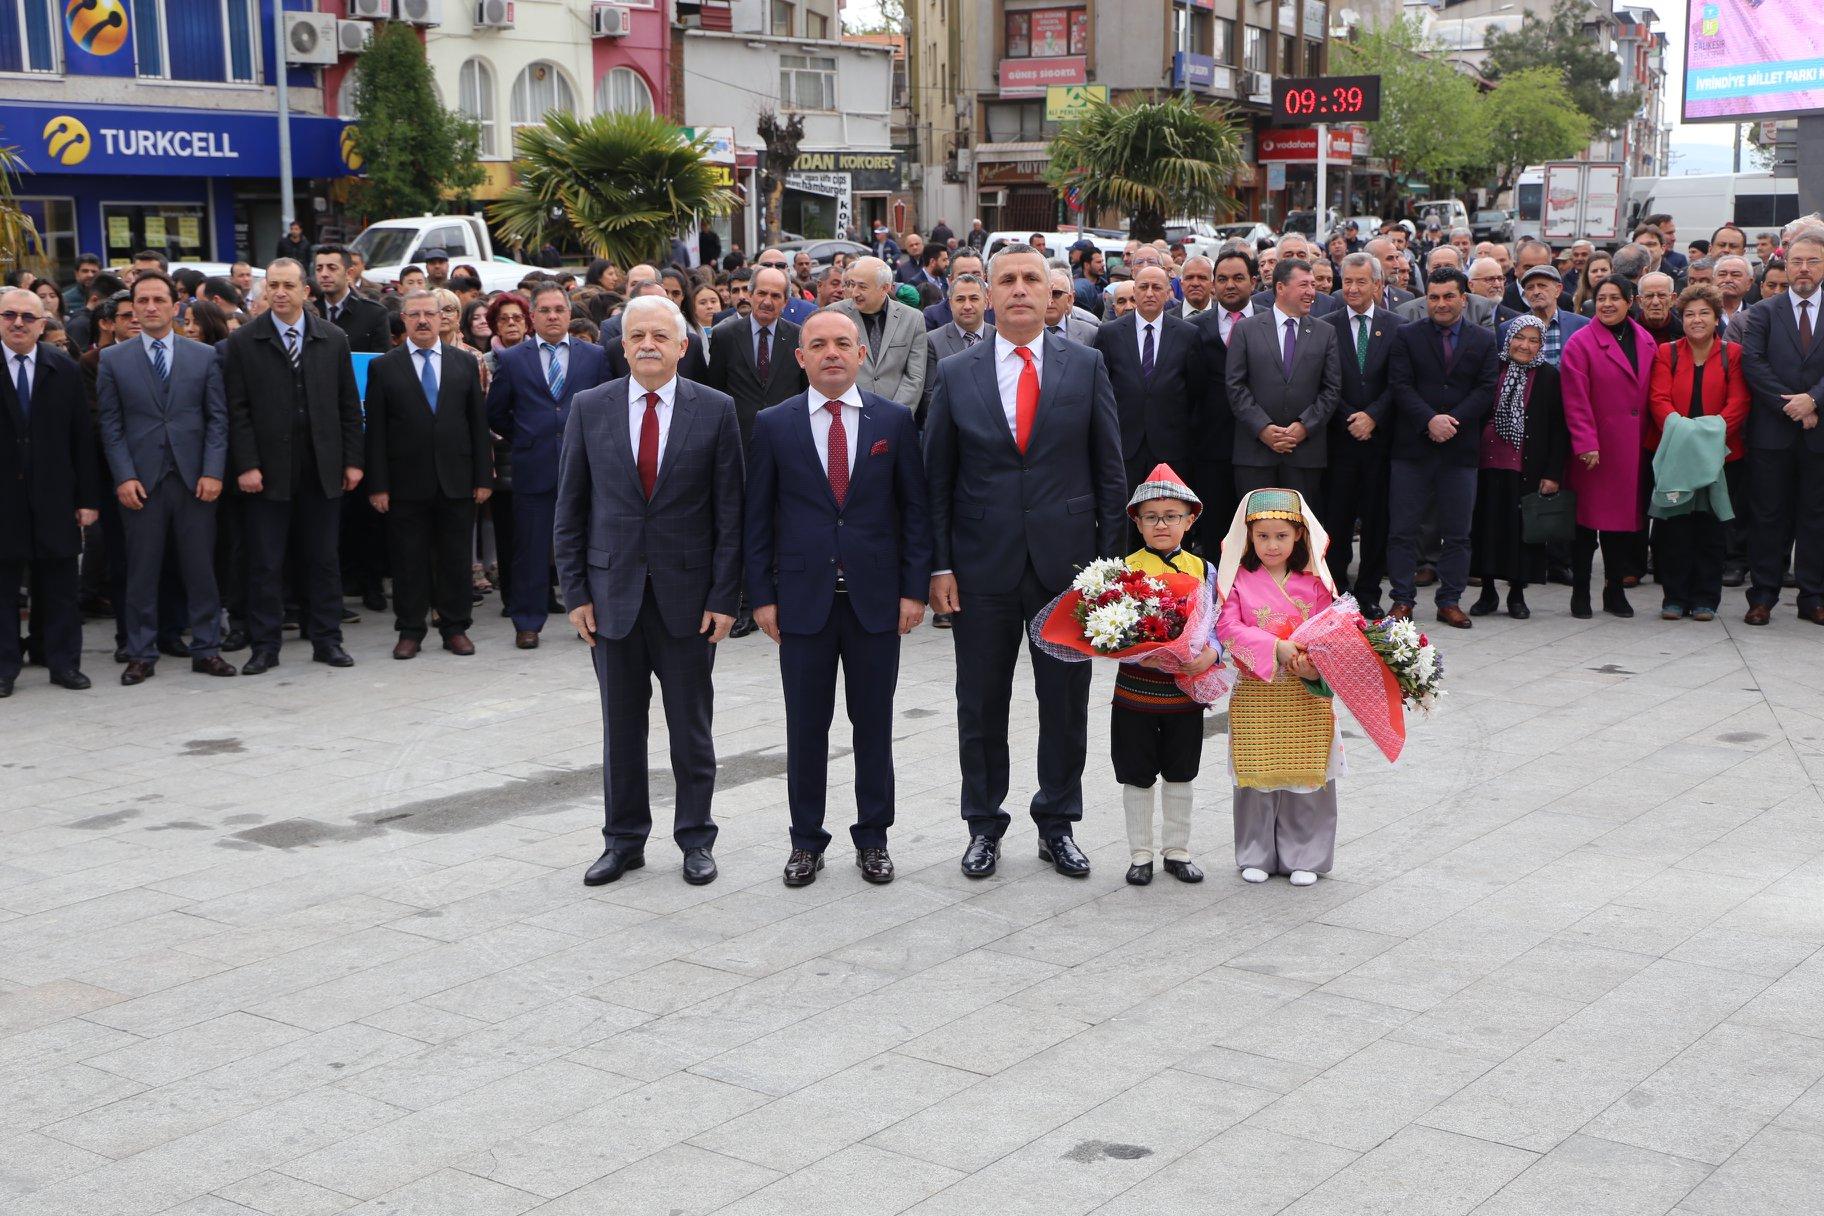 23 Nisan Ulusal Egemenlik ve Çocuk Bayramı Etkinlikleri  Coşkulu Bir Şekilde Kutlandı